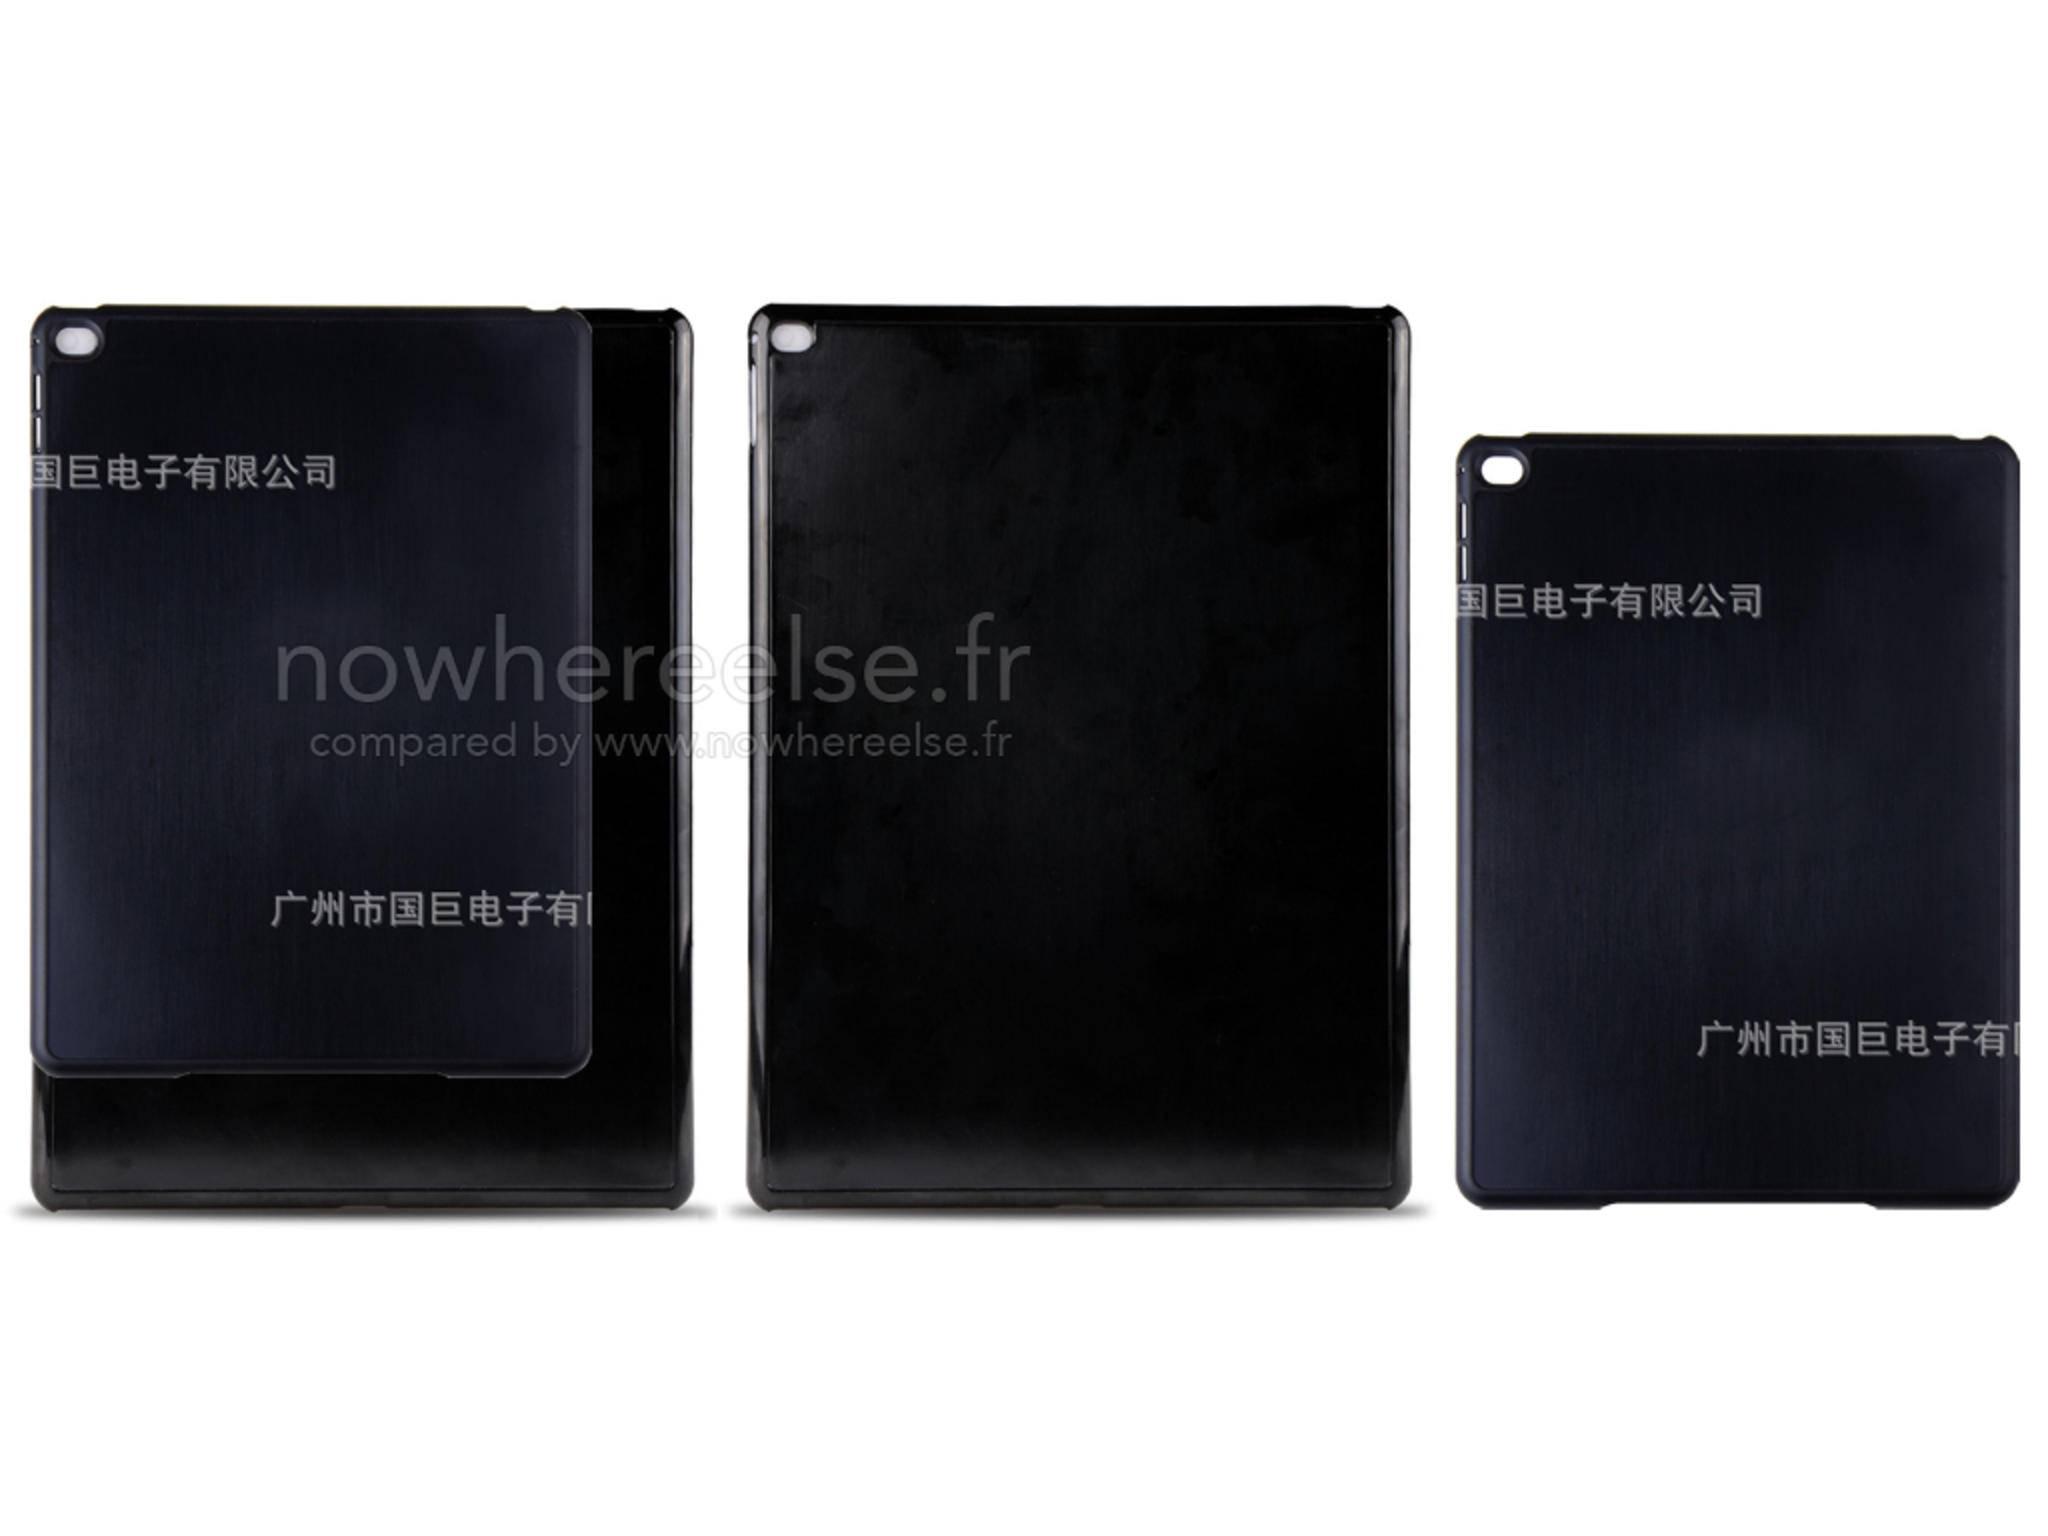 So soll ein Case für das iPad Plus aussehen.